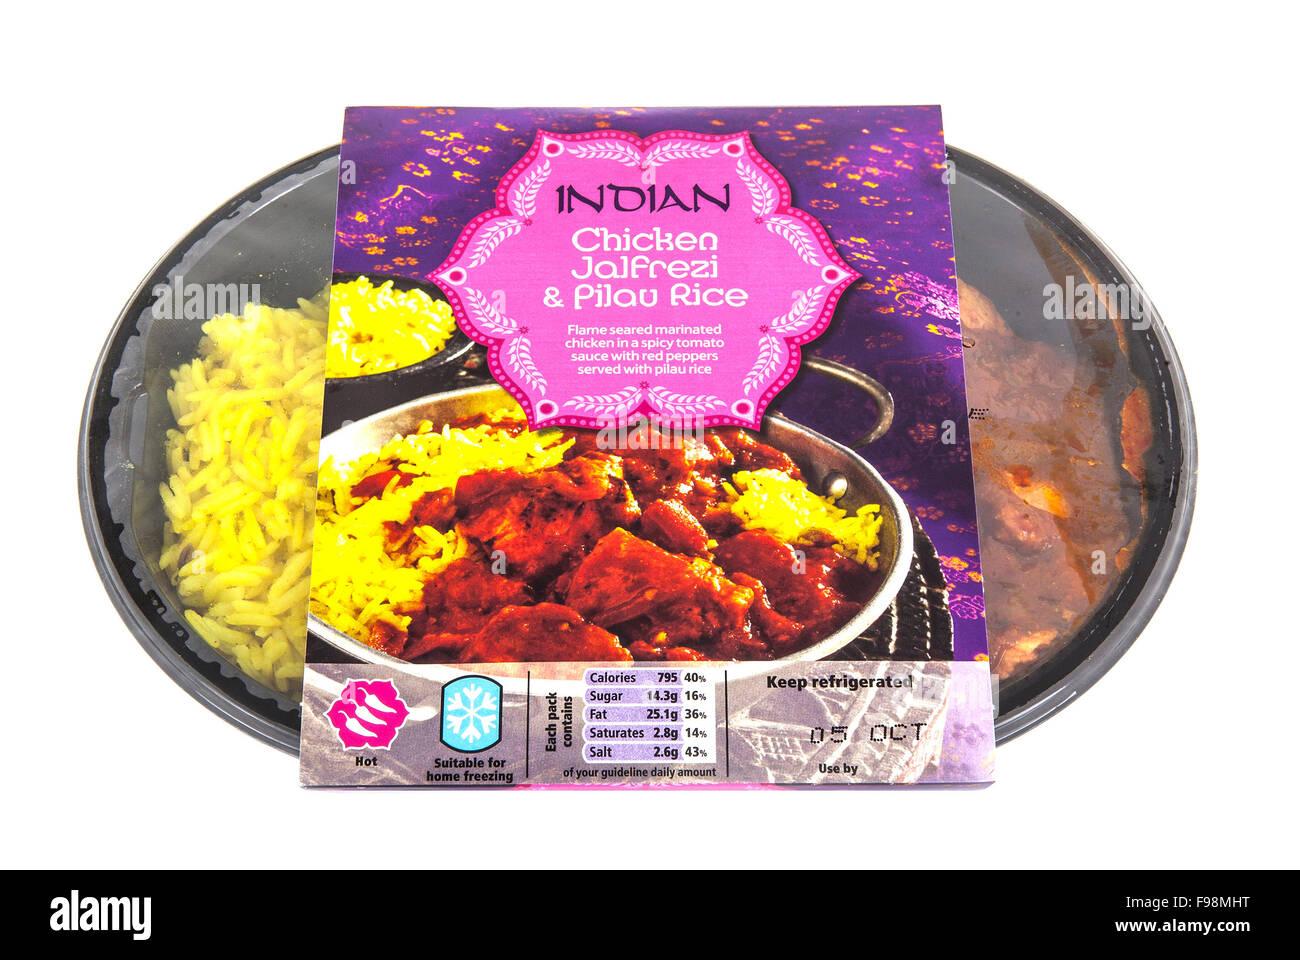 Indian Jalfrazi curry con riso pilaf su sfondo bianco con tutti i loghi e i marchi rimosso Immagini Stock